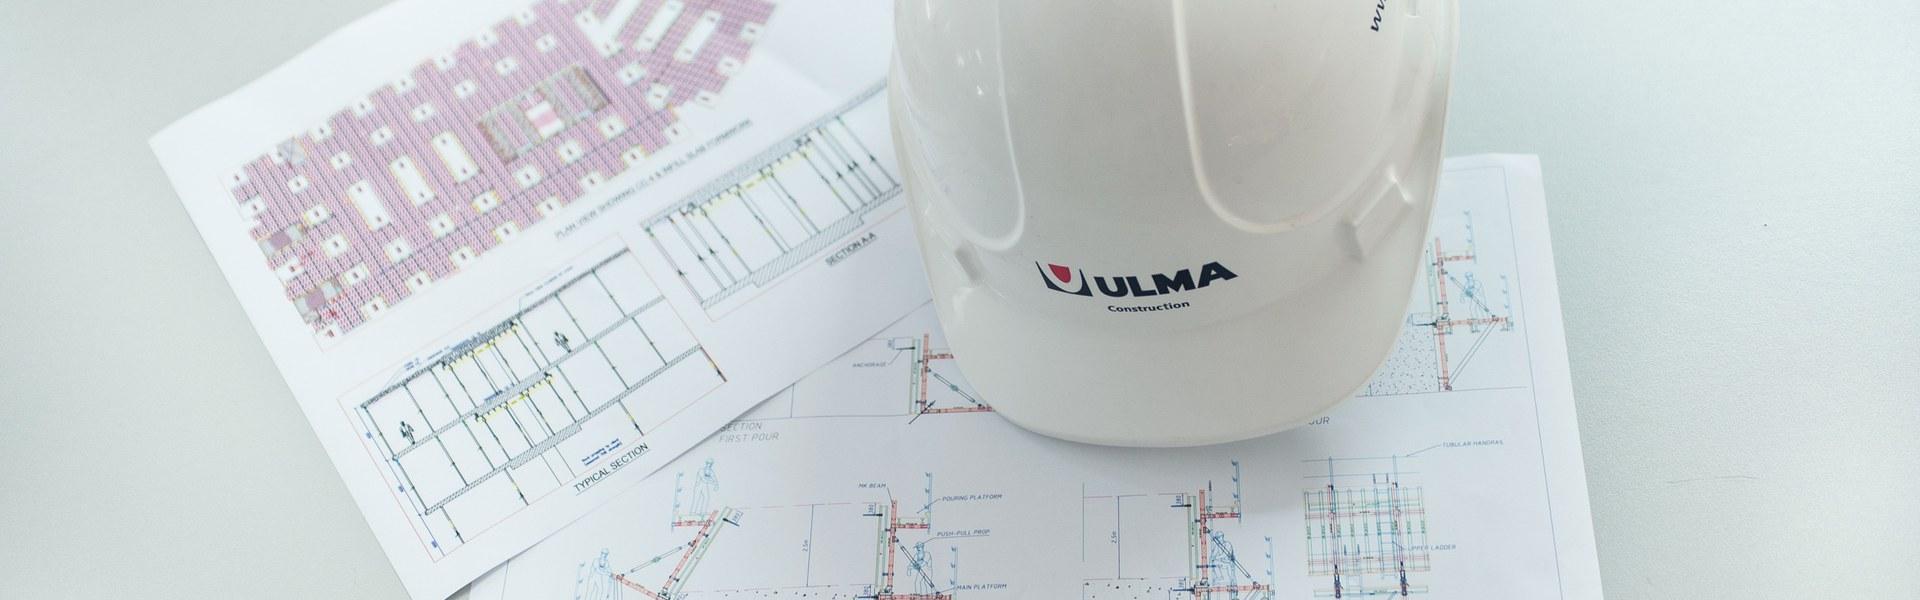 Bideo korporatiboa - ULMA Construction